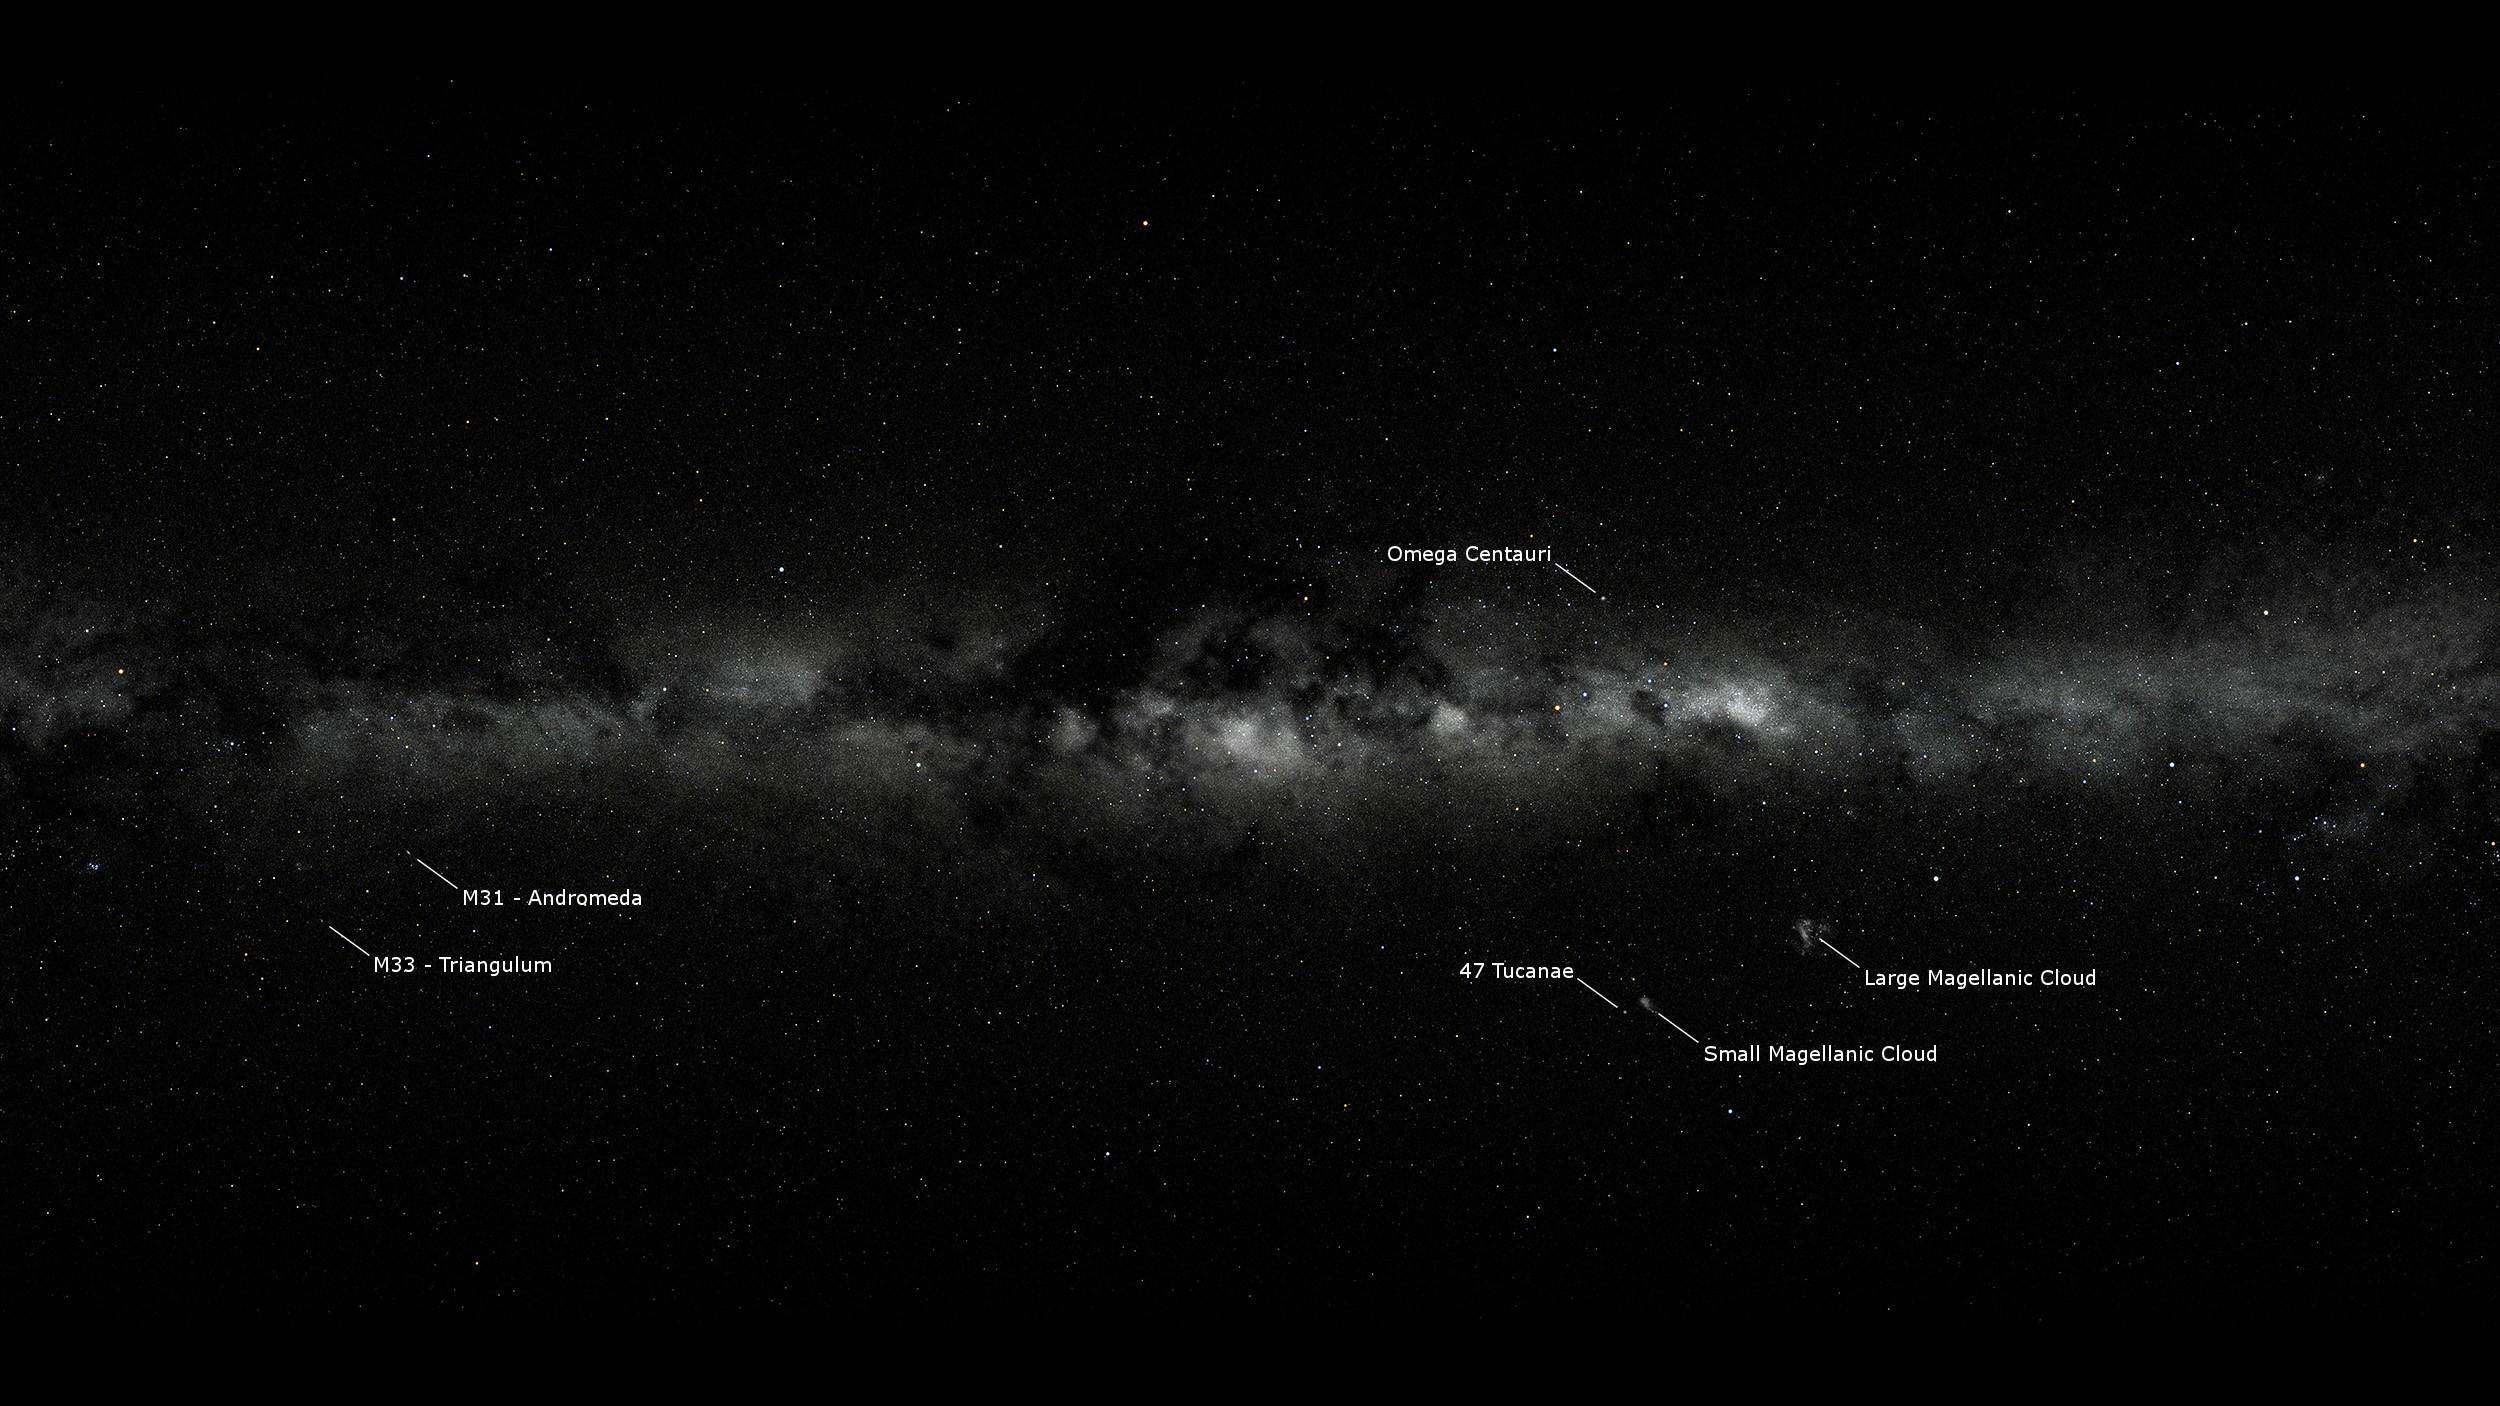 Carte du ciel - Catalogue d'étoiles - Astrométrie - Hipparcos - ESA - Agence Spatiale Européenne